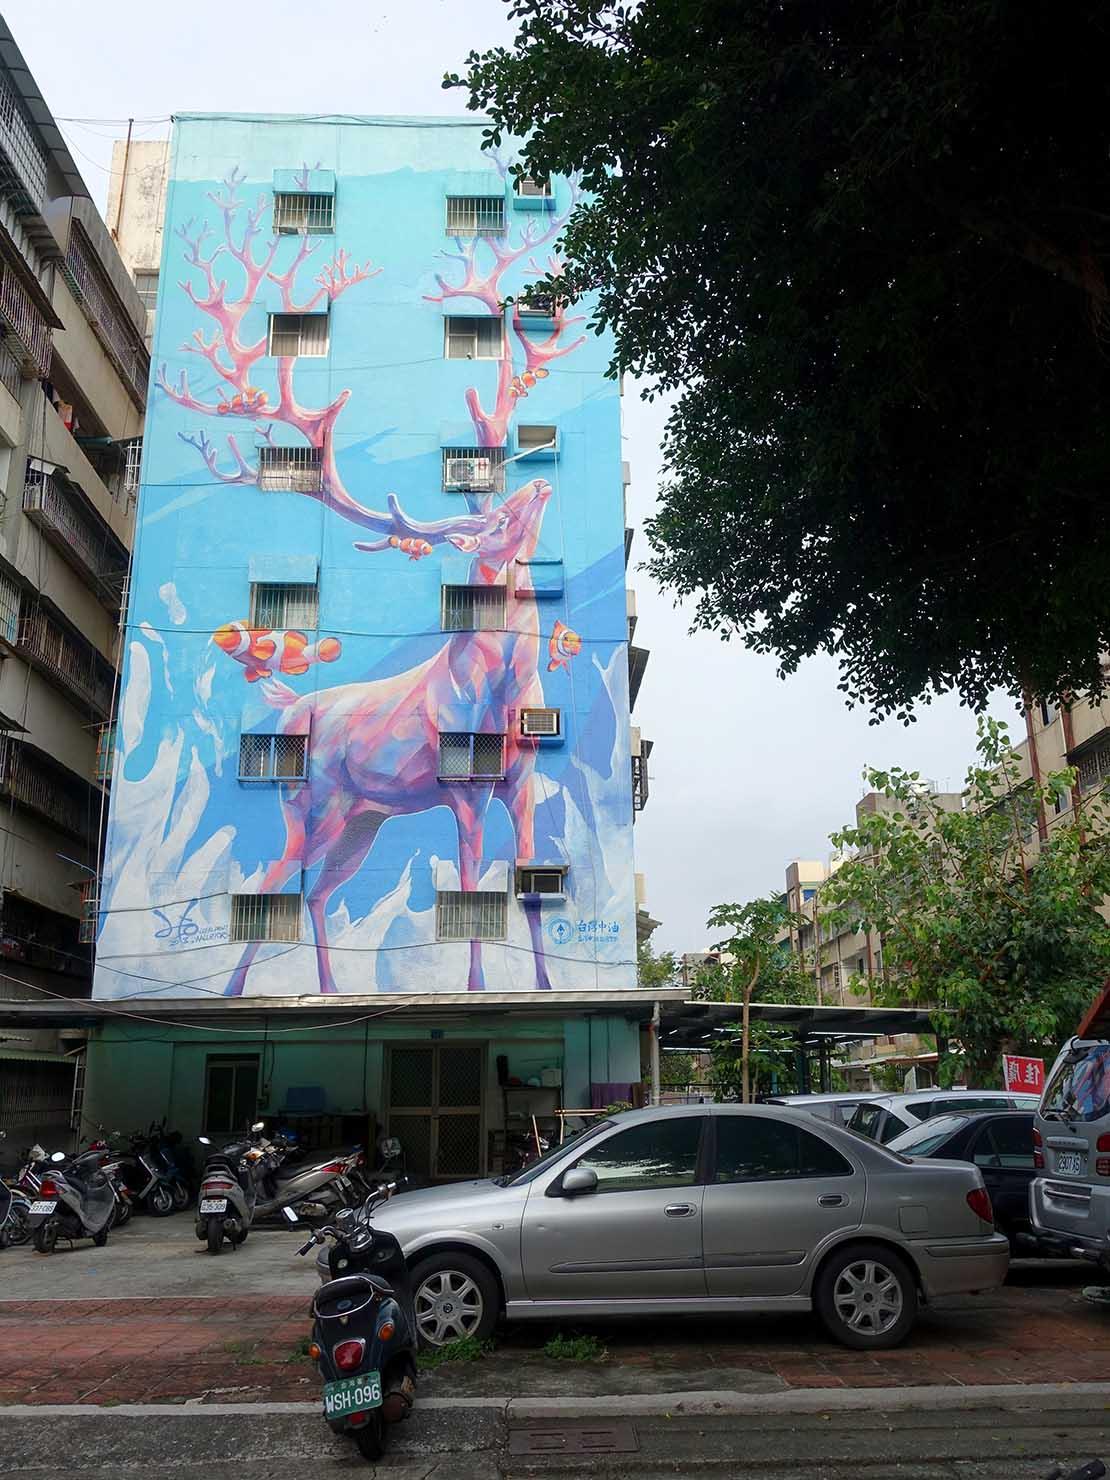 高雄のおすすめ観光スポット「衛武營」彩繪村の鹿が描かれた建物